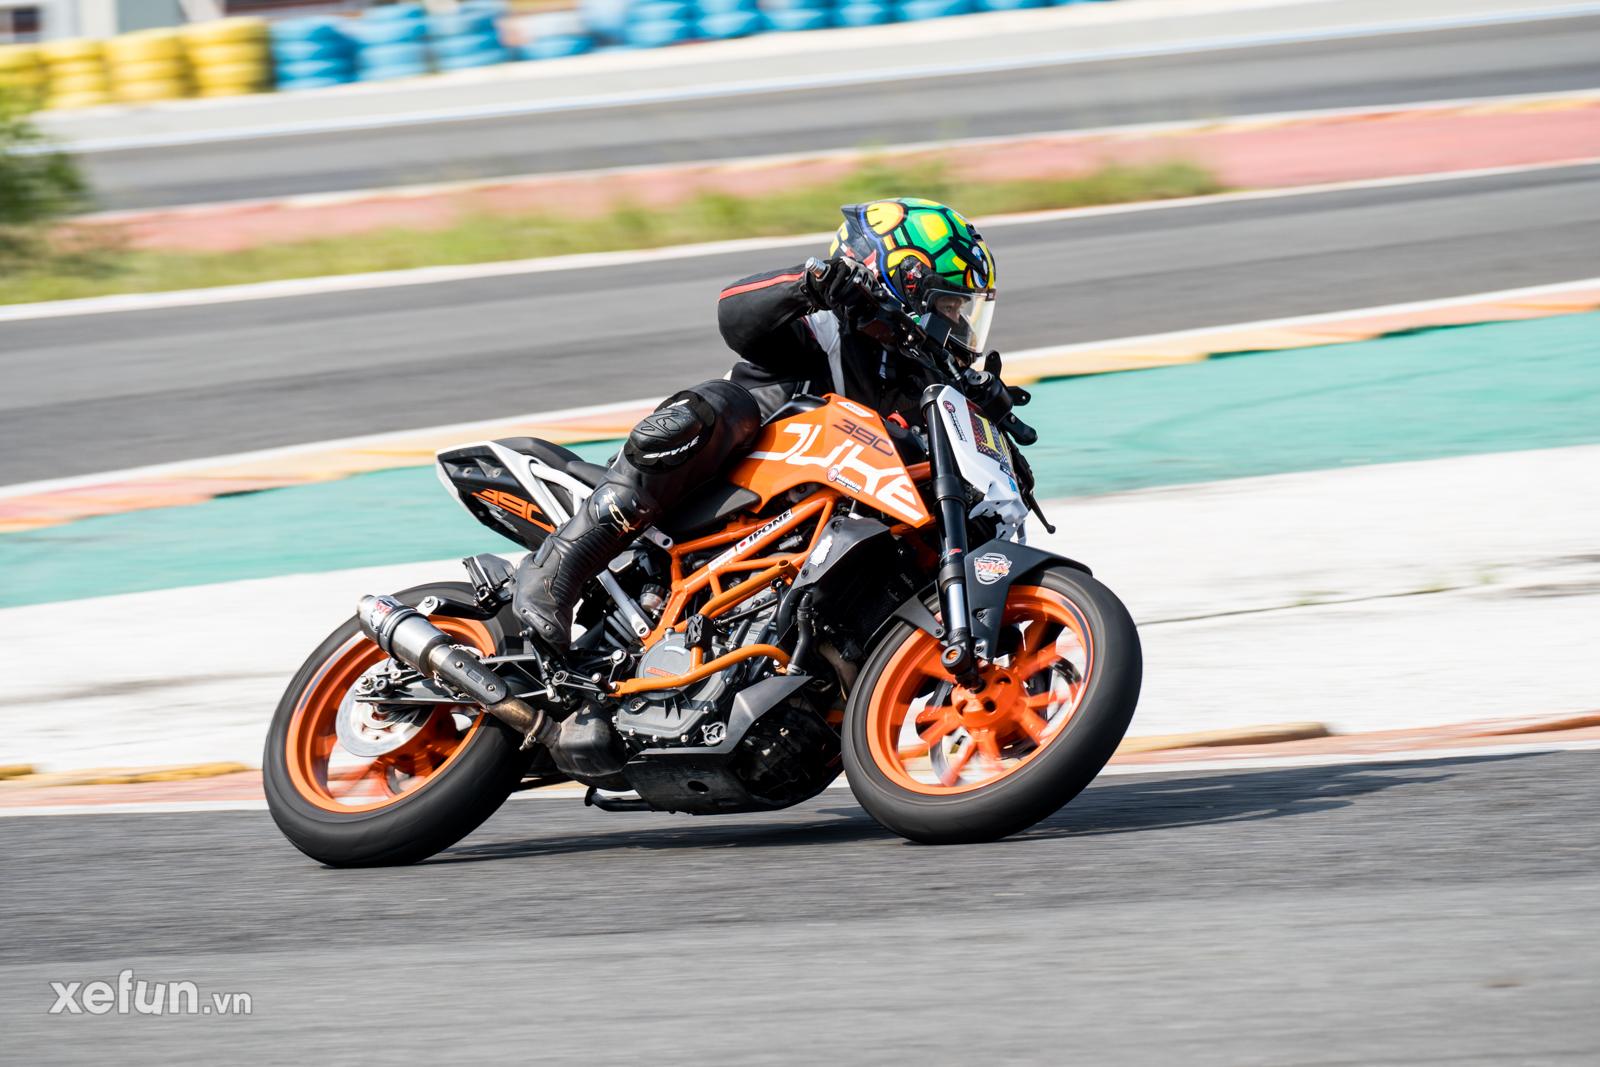 Các tay đua nài xe phân khối lớn PKL BMW S1000RR Ducati Monster Kawasaki Ninja ZX10R tại Trường đua Đại Nam trên Xefun (112)t4y5